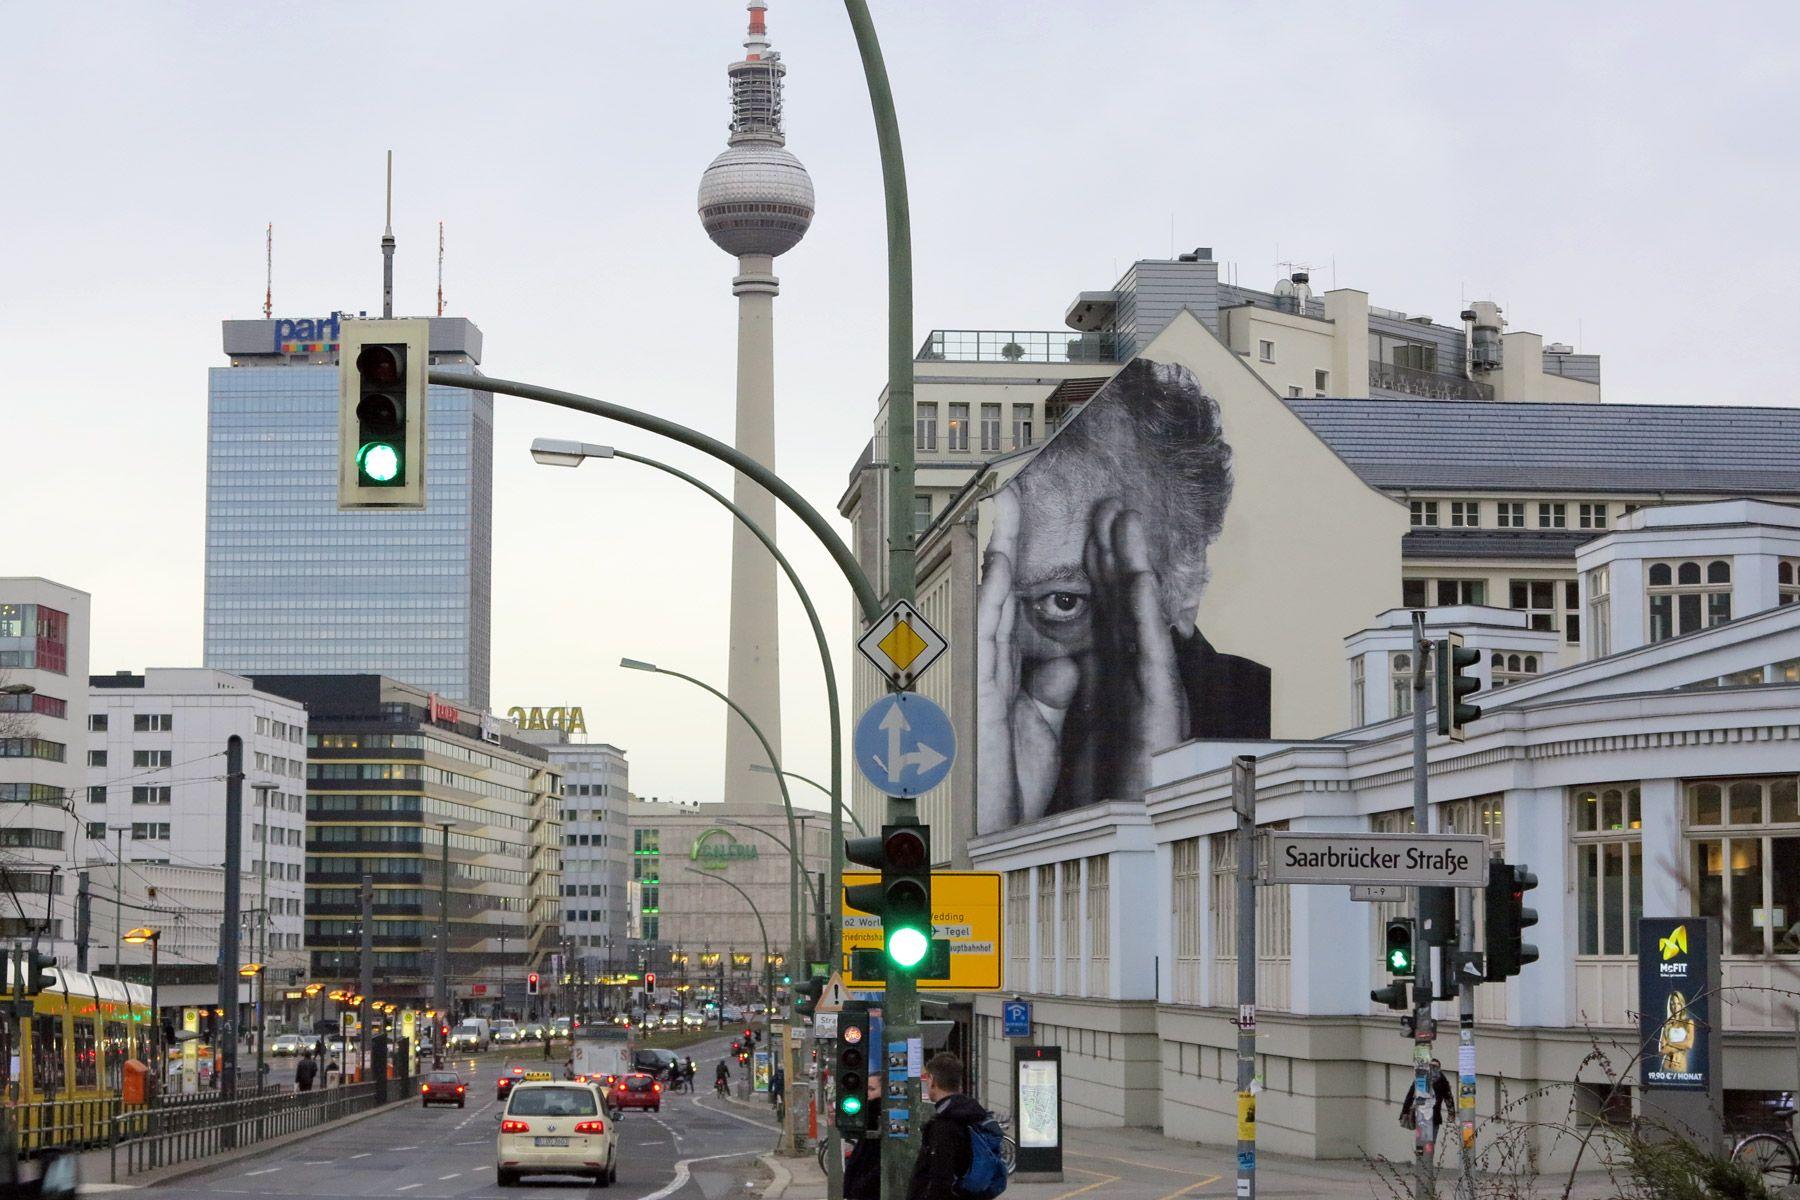 Berliinistä on tullut Euroopan olohuone. Hintataso on edullinen ja paikallinen elämäntapa on helppo omaksua: istuskelua kahviloissa ja baareissa, hyvää ruokaa ja kirpputoreilla tai puistoissa lorvimista.Mielenkiintoisen historian lisäksi Berliinissä on yltäkylläinen kulttuurielämä, kuuluisista klubeista tasokkaisiin museoihin.